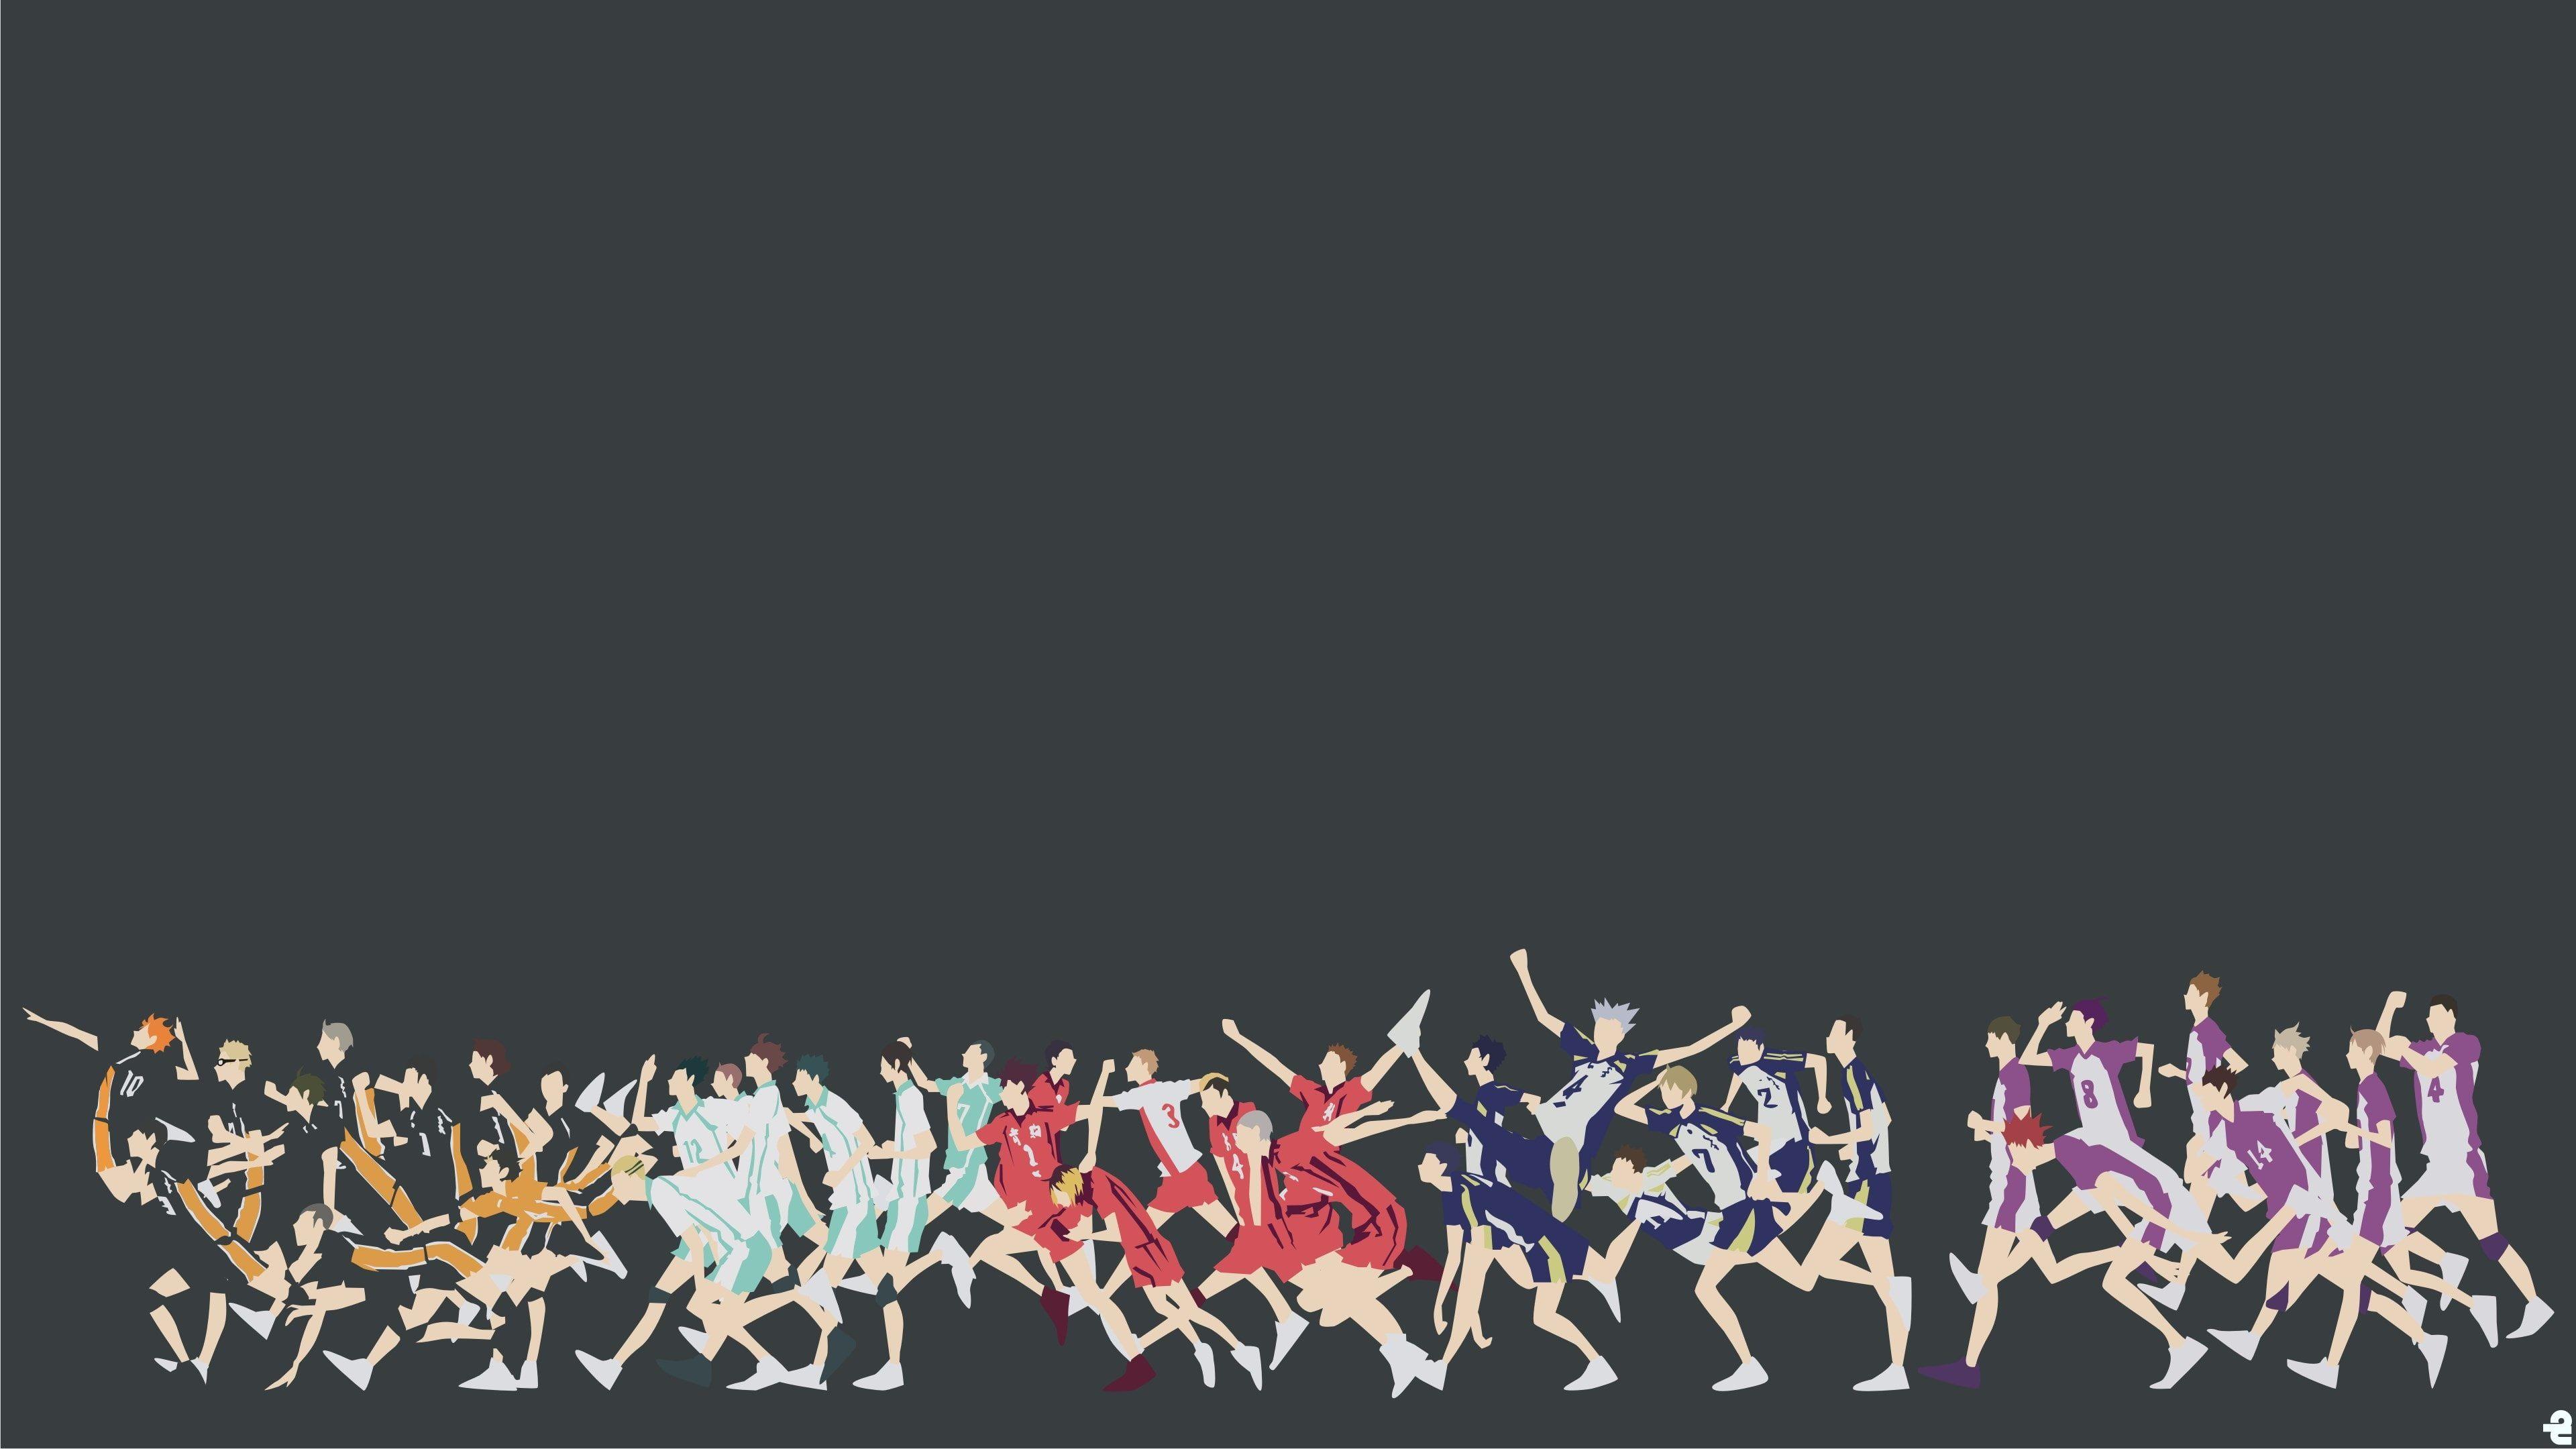 Haikyu 4k Hi Res 4k Wallpaper Hdwallpaper Desktop In 2020 Haikyuu Wallpaper Haikyuu Karasuno Haikyu